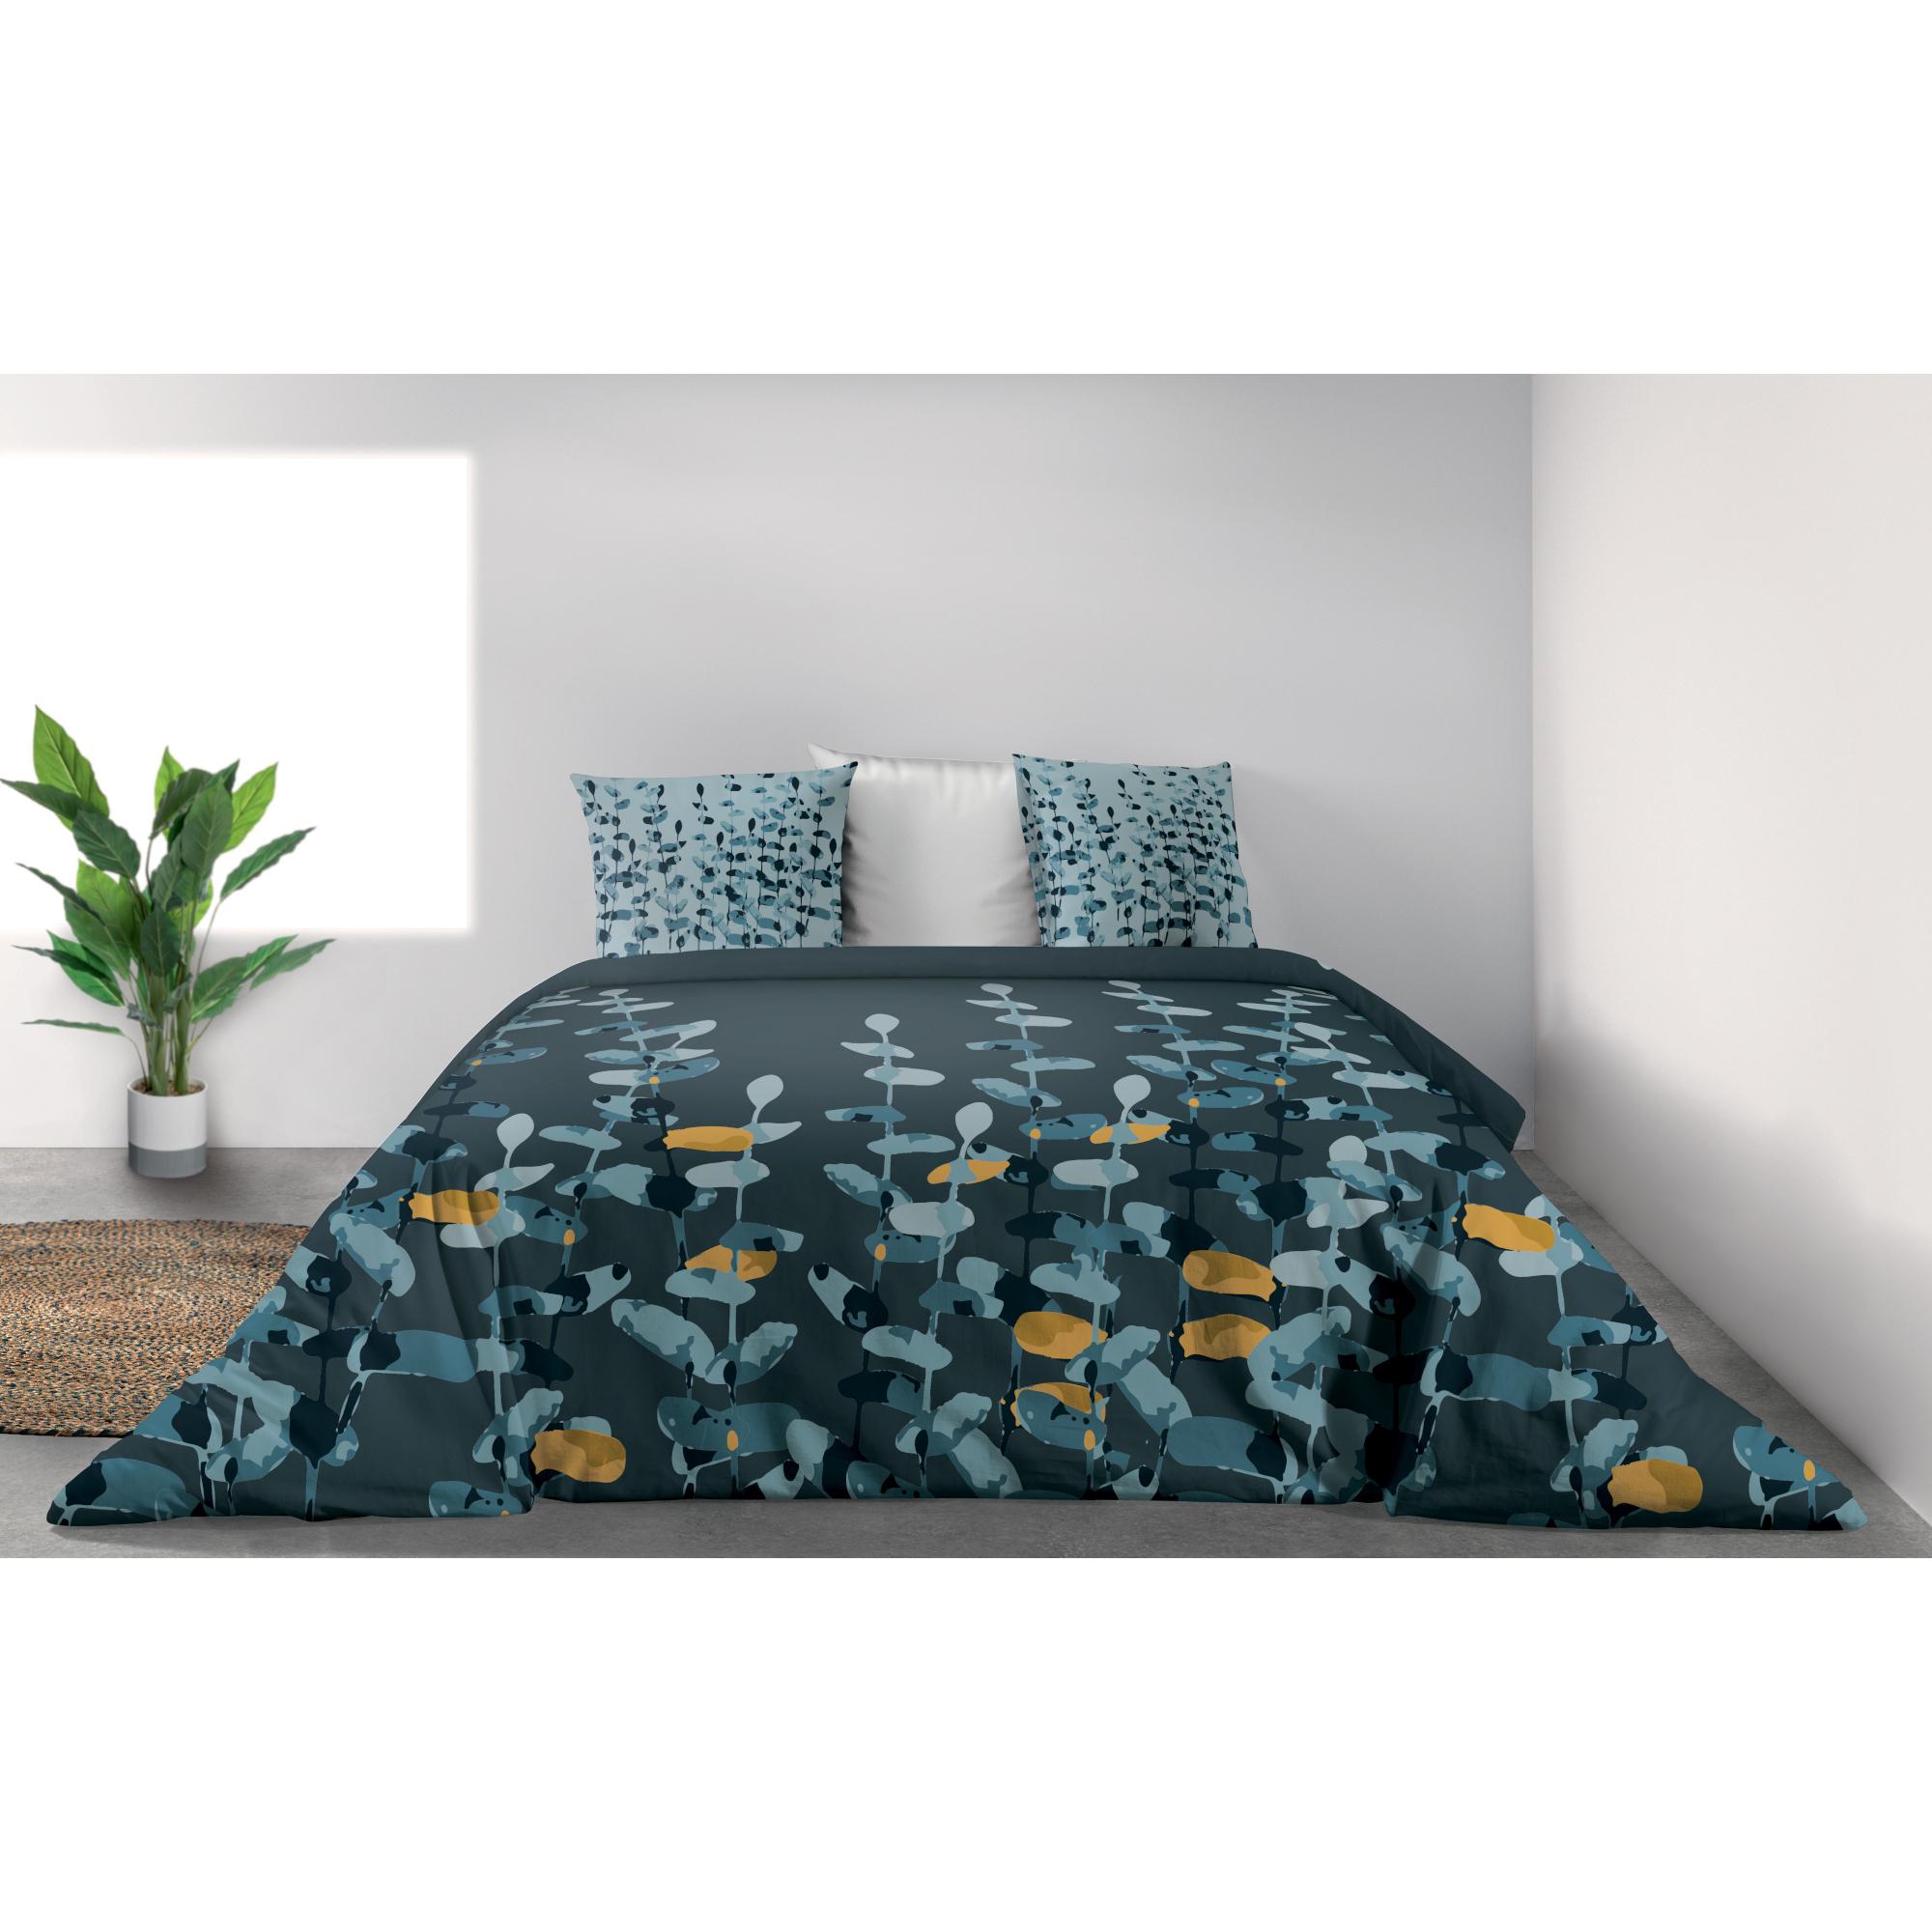 Parure de lit Bio 2 personnes Lunaria avec housse de couette et taies d'oreiller Imprimé 240 x 220